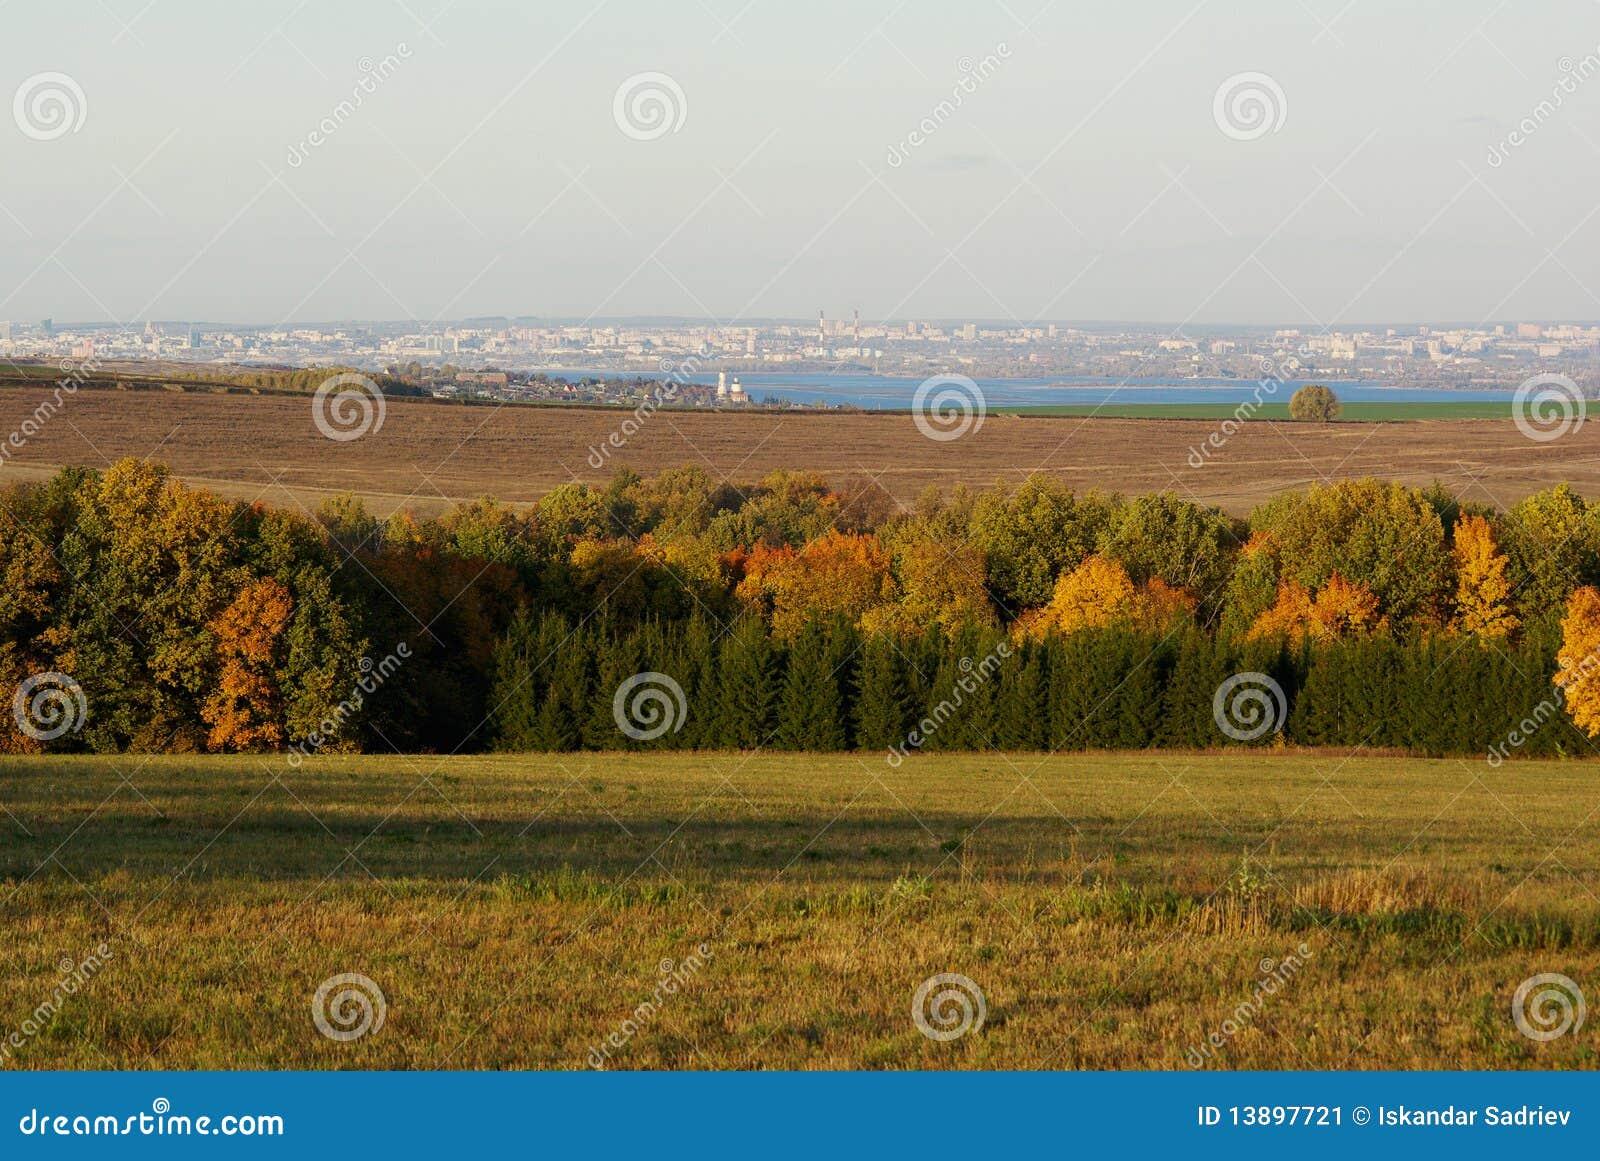 La nature et la ville lointaine image stock image 13897721 for La ville nature